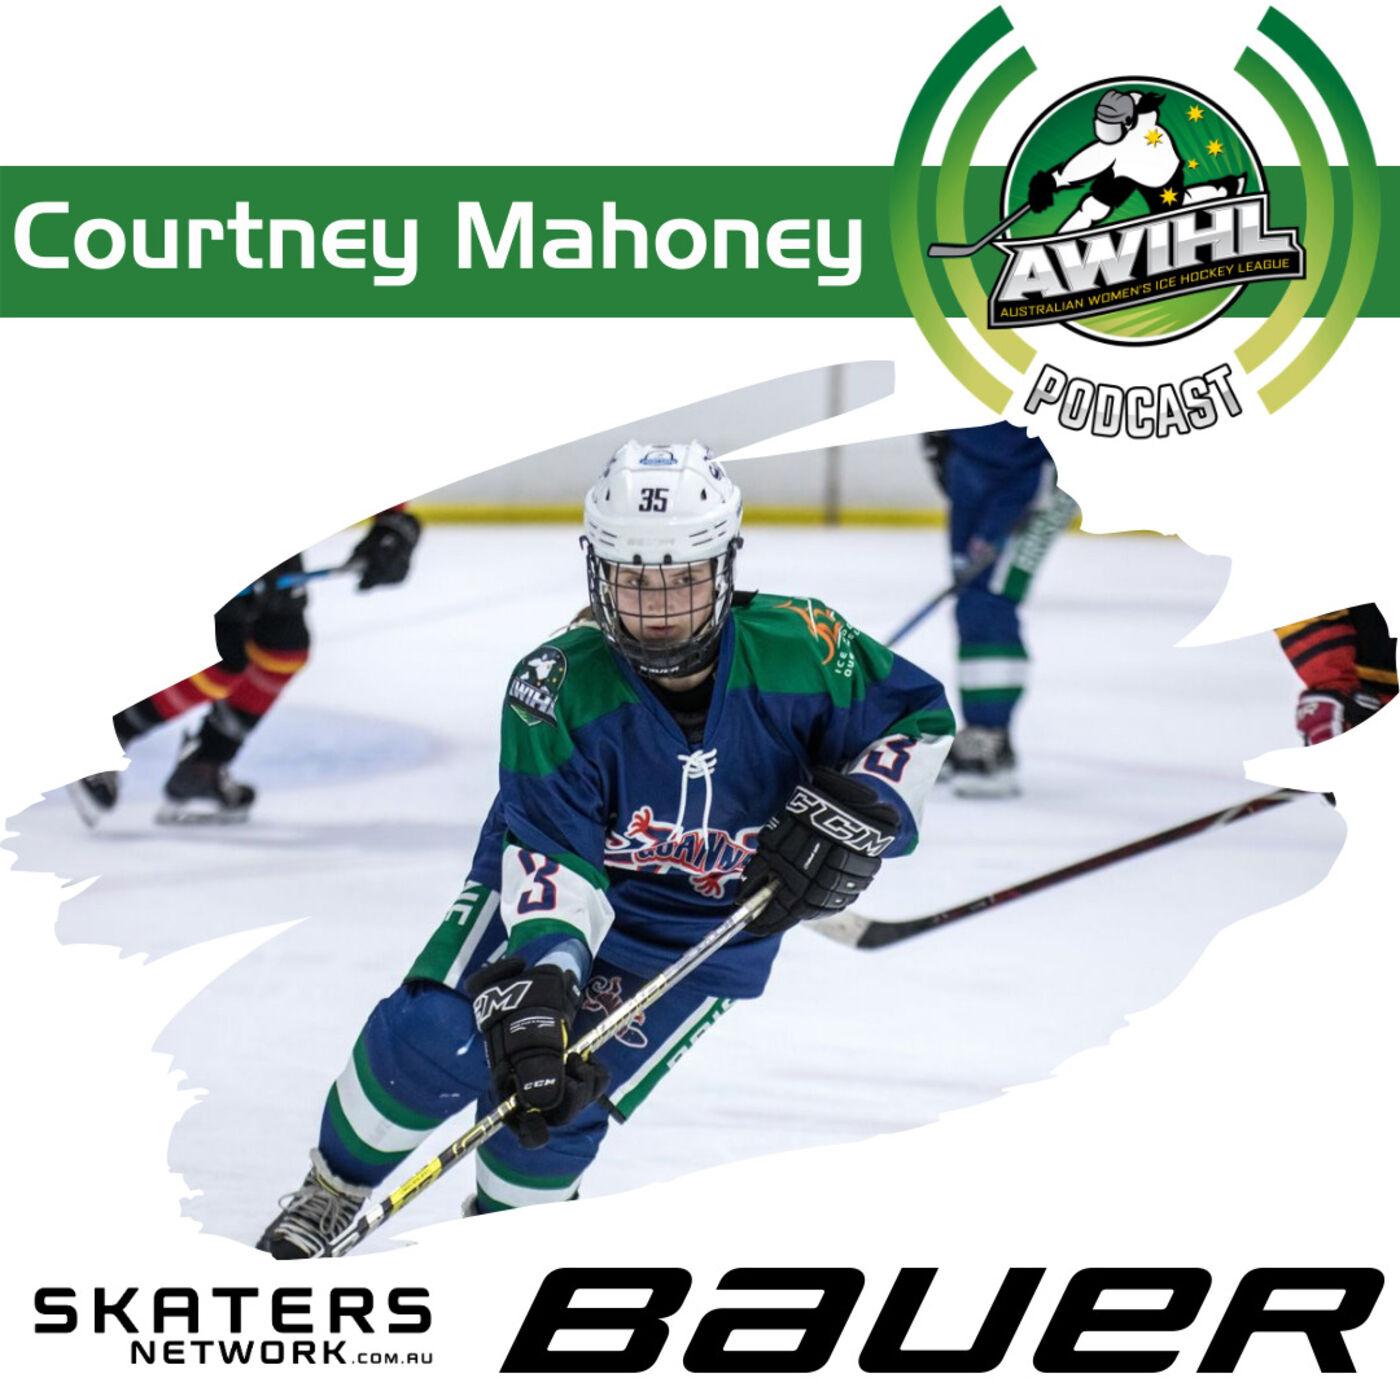 Episode One - Courtney Mahoney